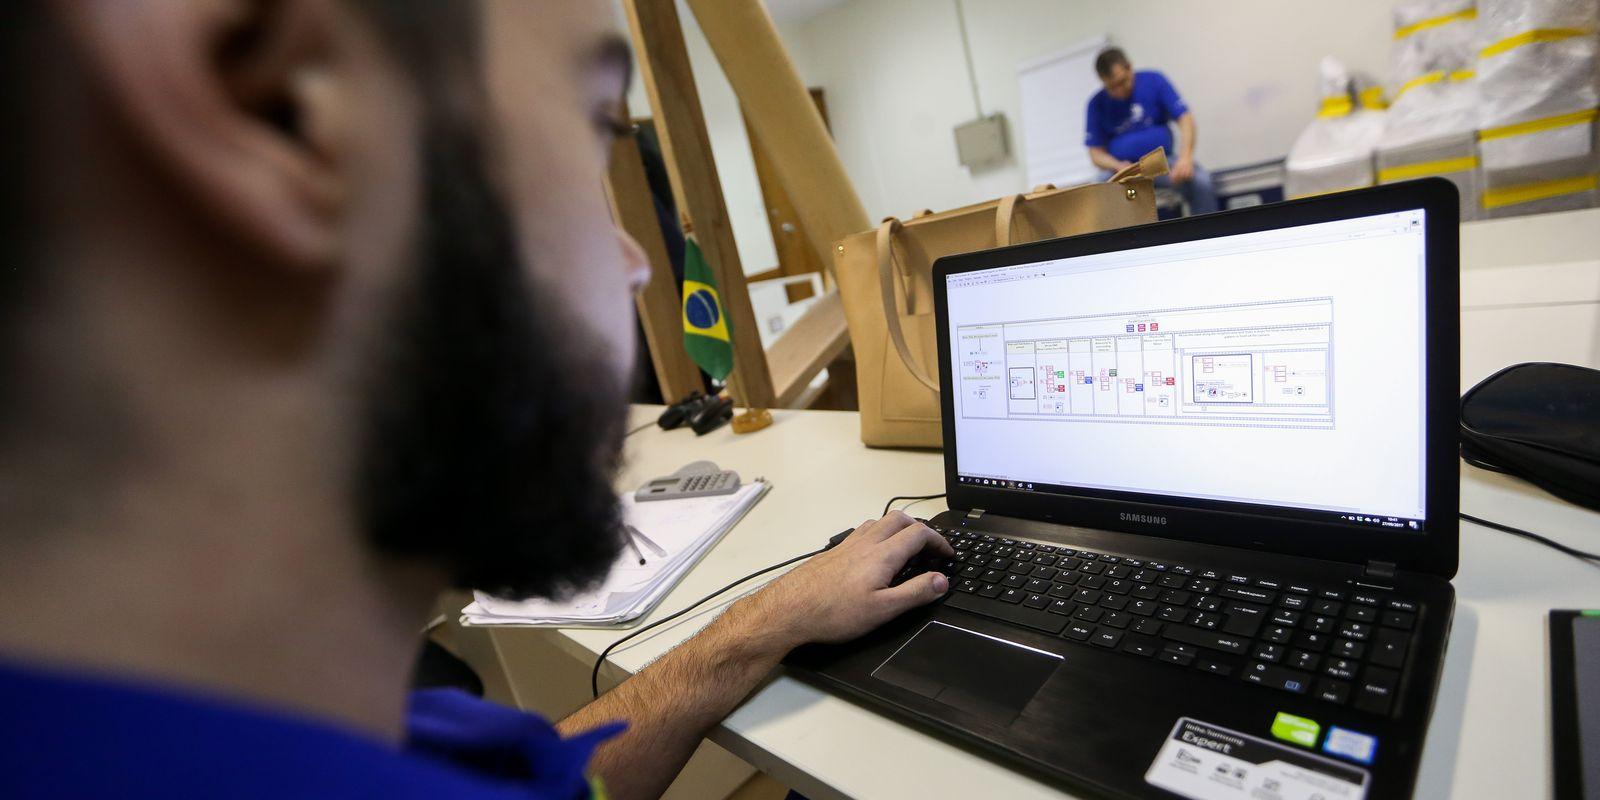 Brasília - Estudantes do ensino profissionalizante que participarão do WorldSkills 2017 se preparam para a competição no Centro de Treinamento do Senai-DF (Marcelo Camargo/Agência Brasil).